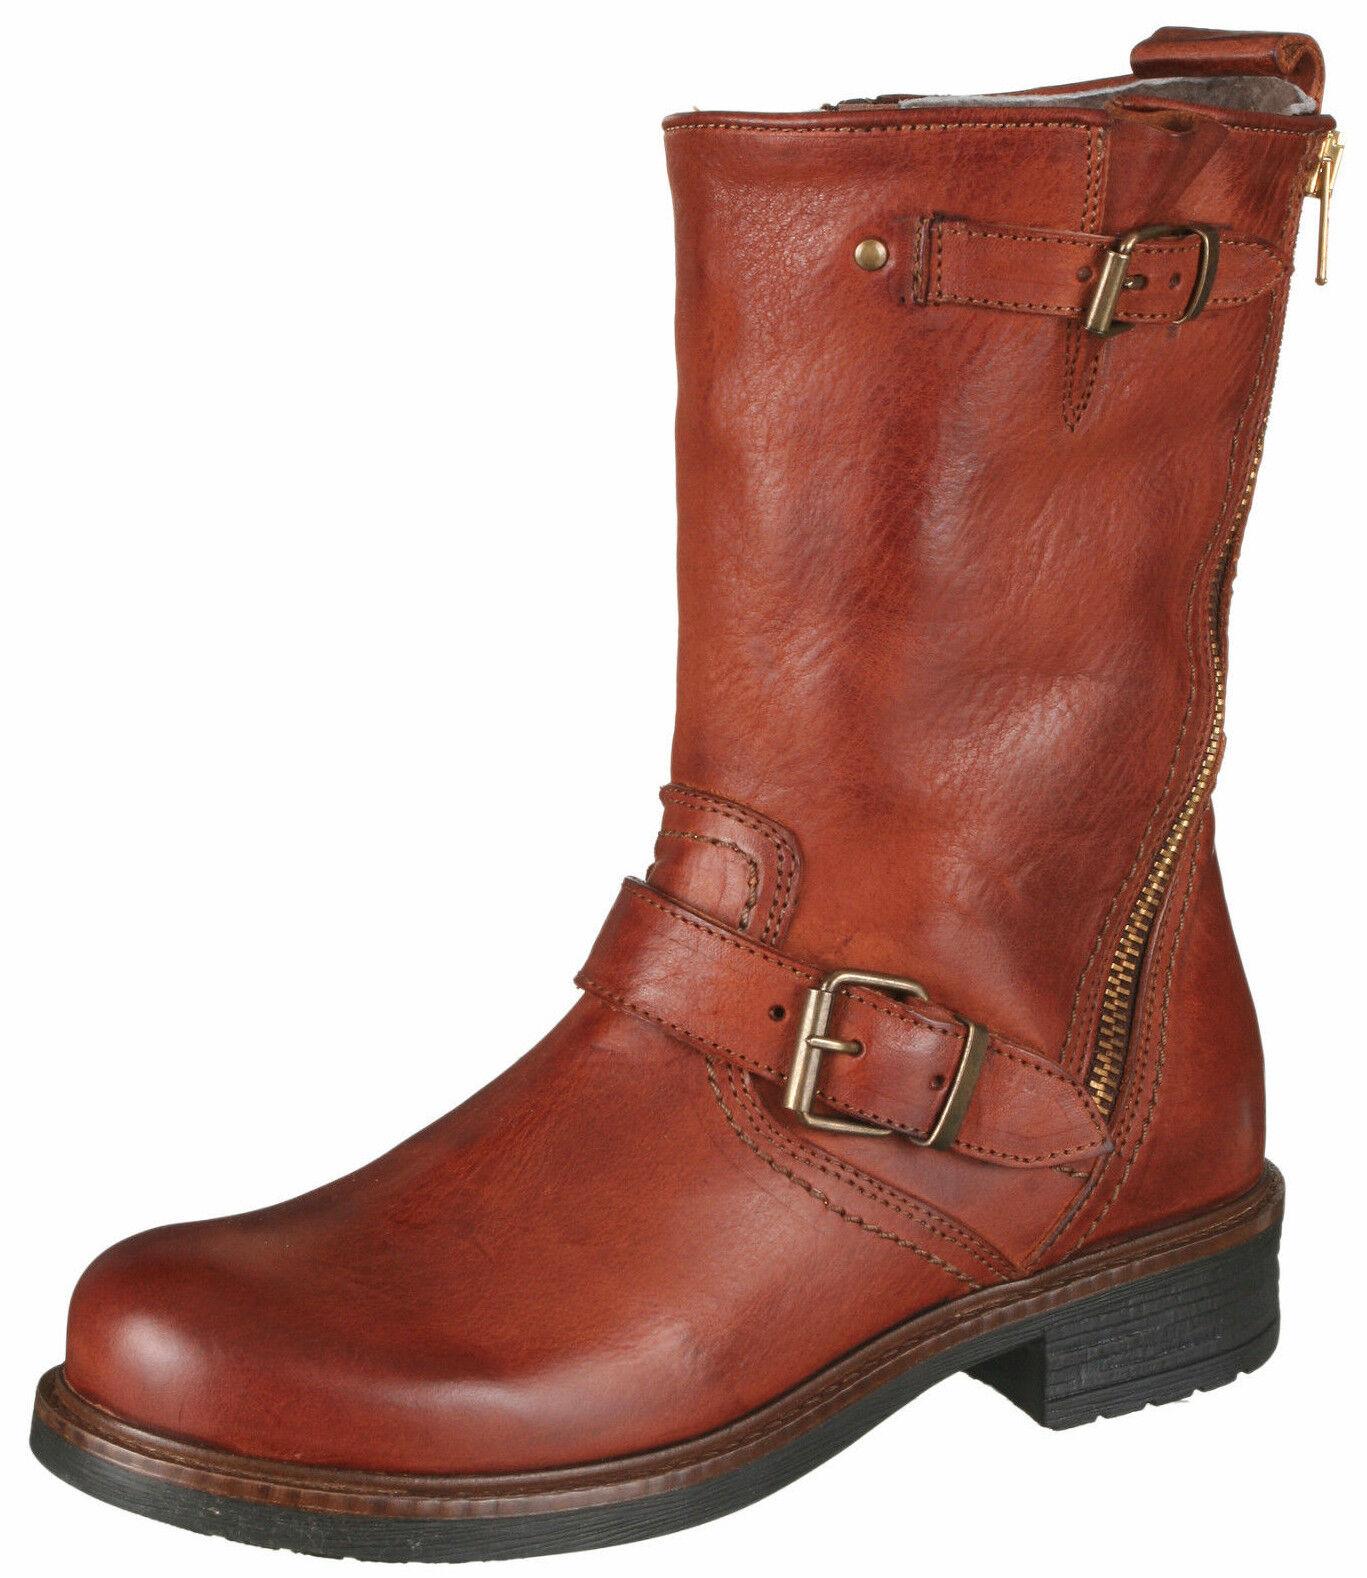 Momino 3552m botas botines botas cordero botas de invierno de cuero 36-40 nuevo